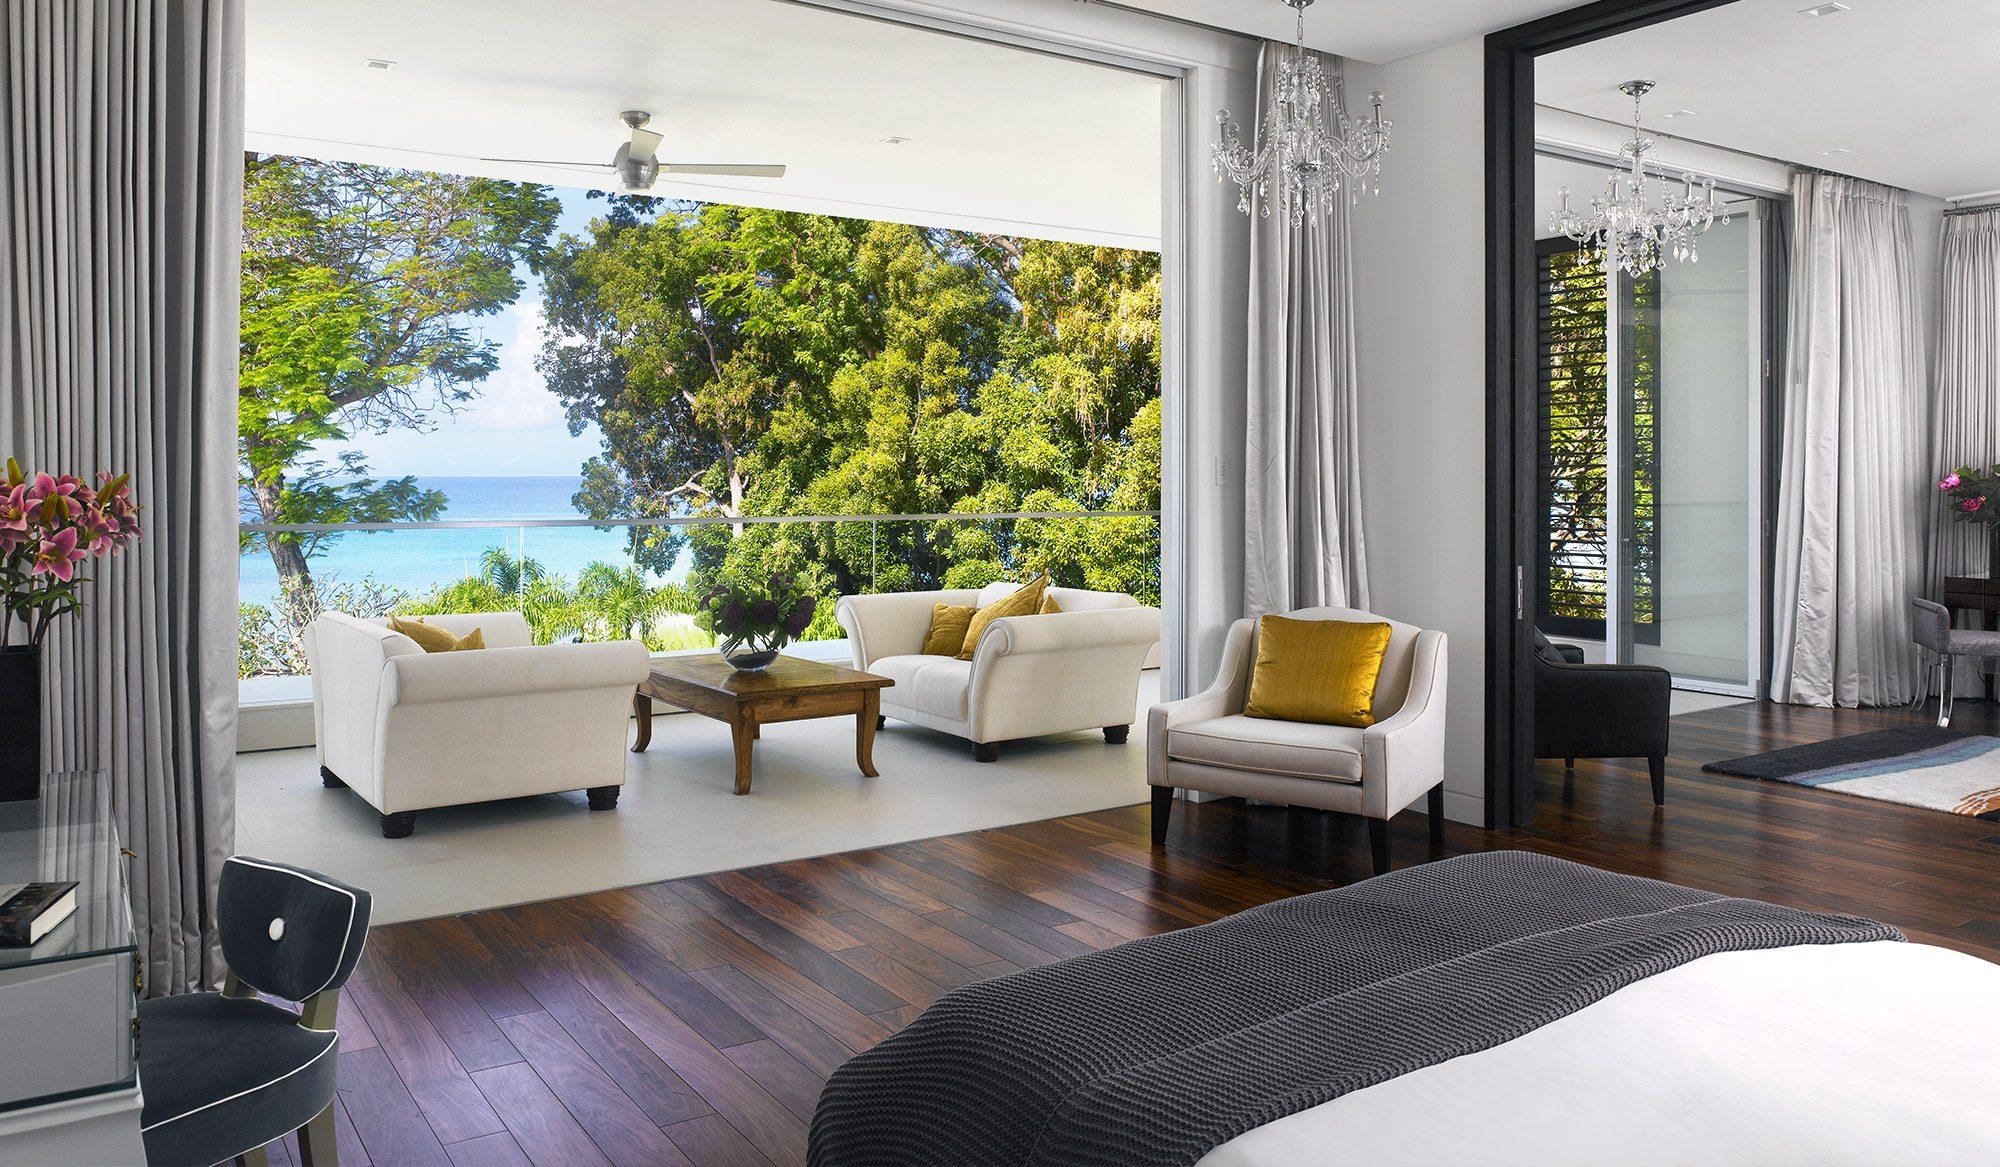 Luxury Beach Villa, St James, Barbados - Wilkinson Beven